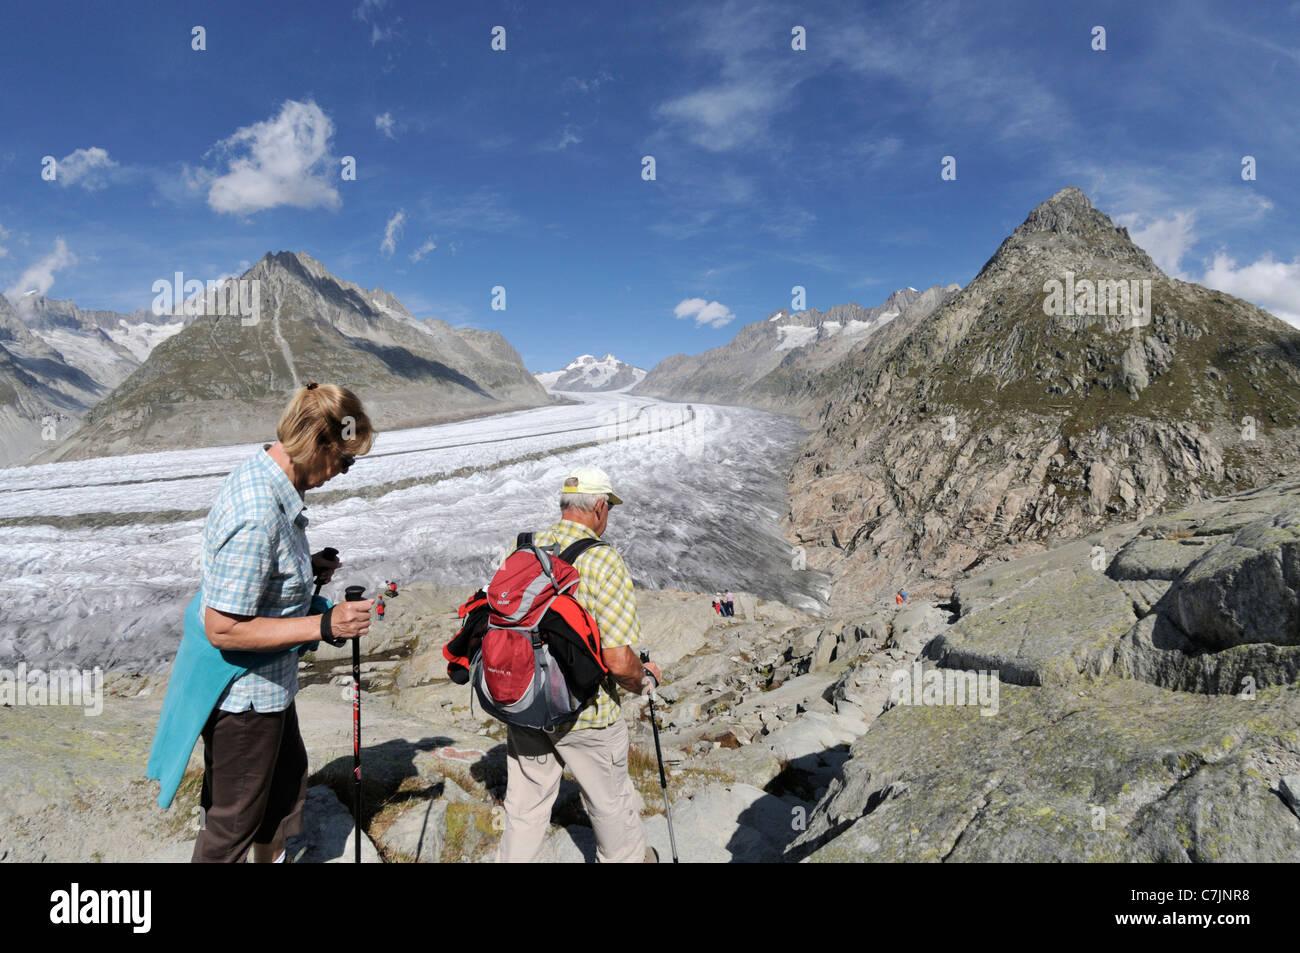 Suisse, Valais, l'Europe de l'Ouest, Glacier d'Aletsch (patrimoine de l'UNESCO). Randonneurs sur Photo Stock